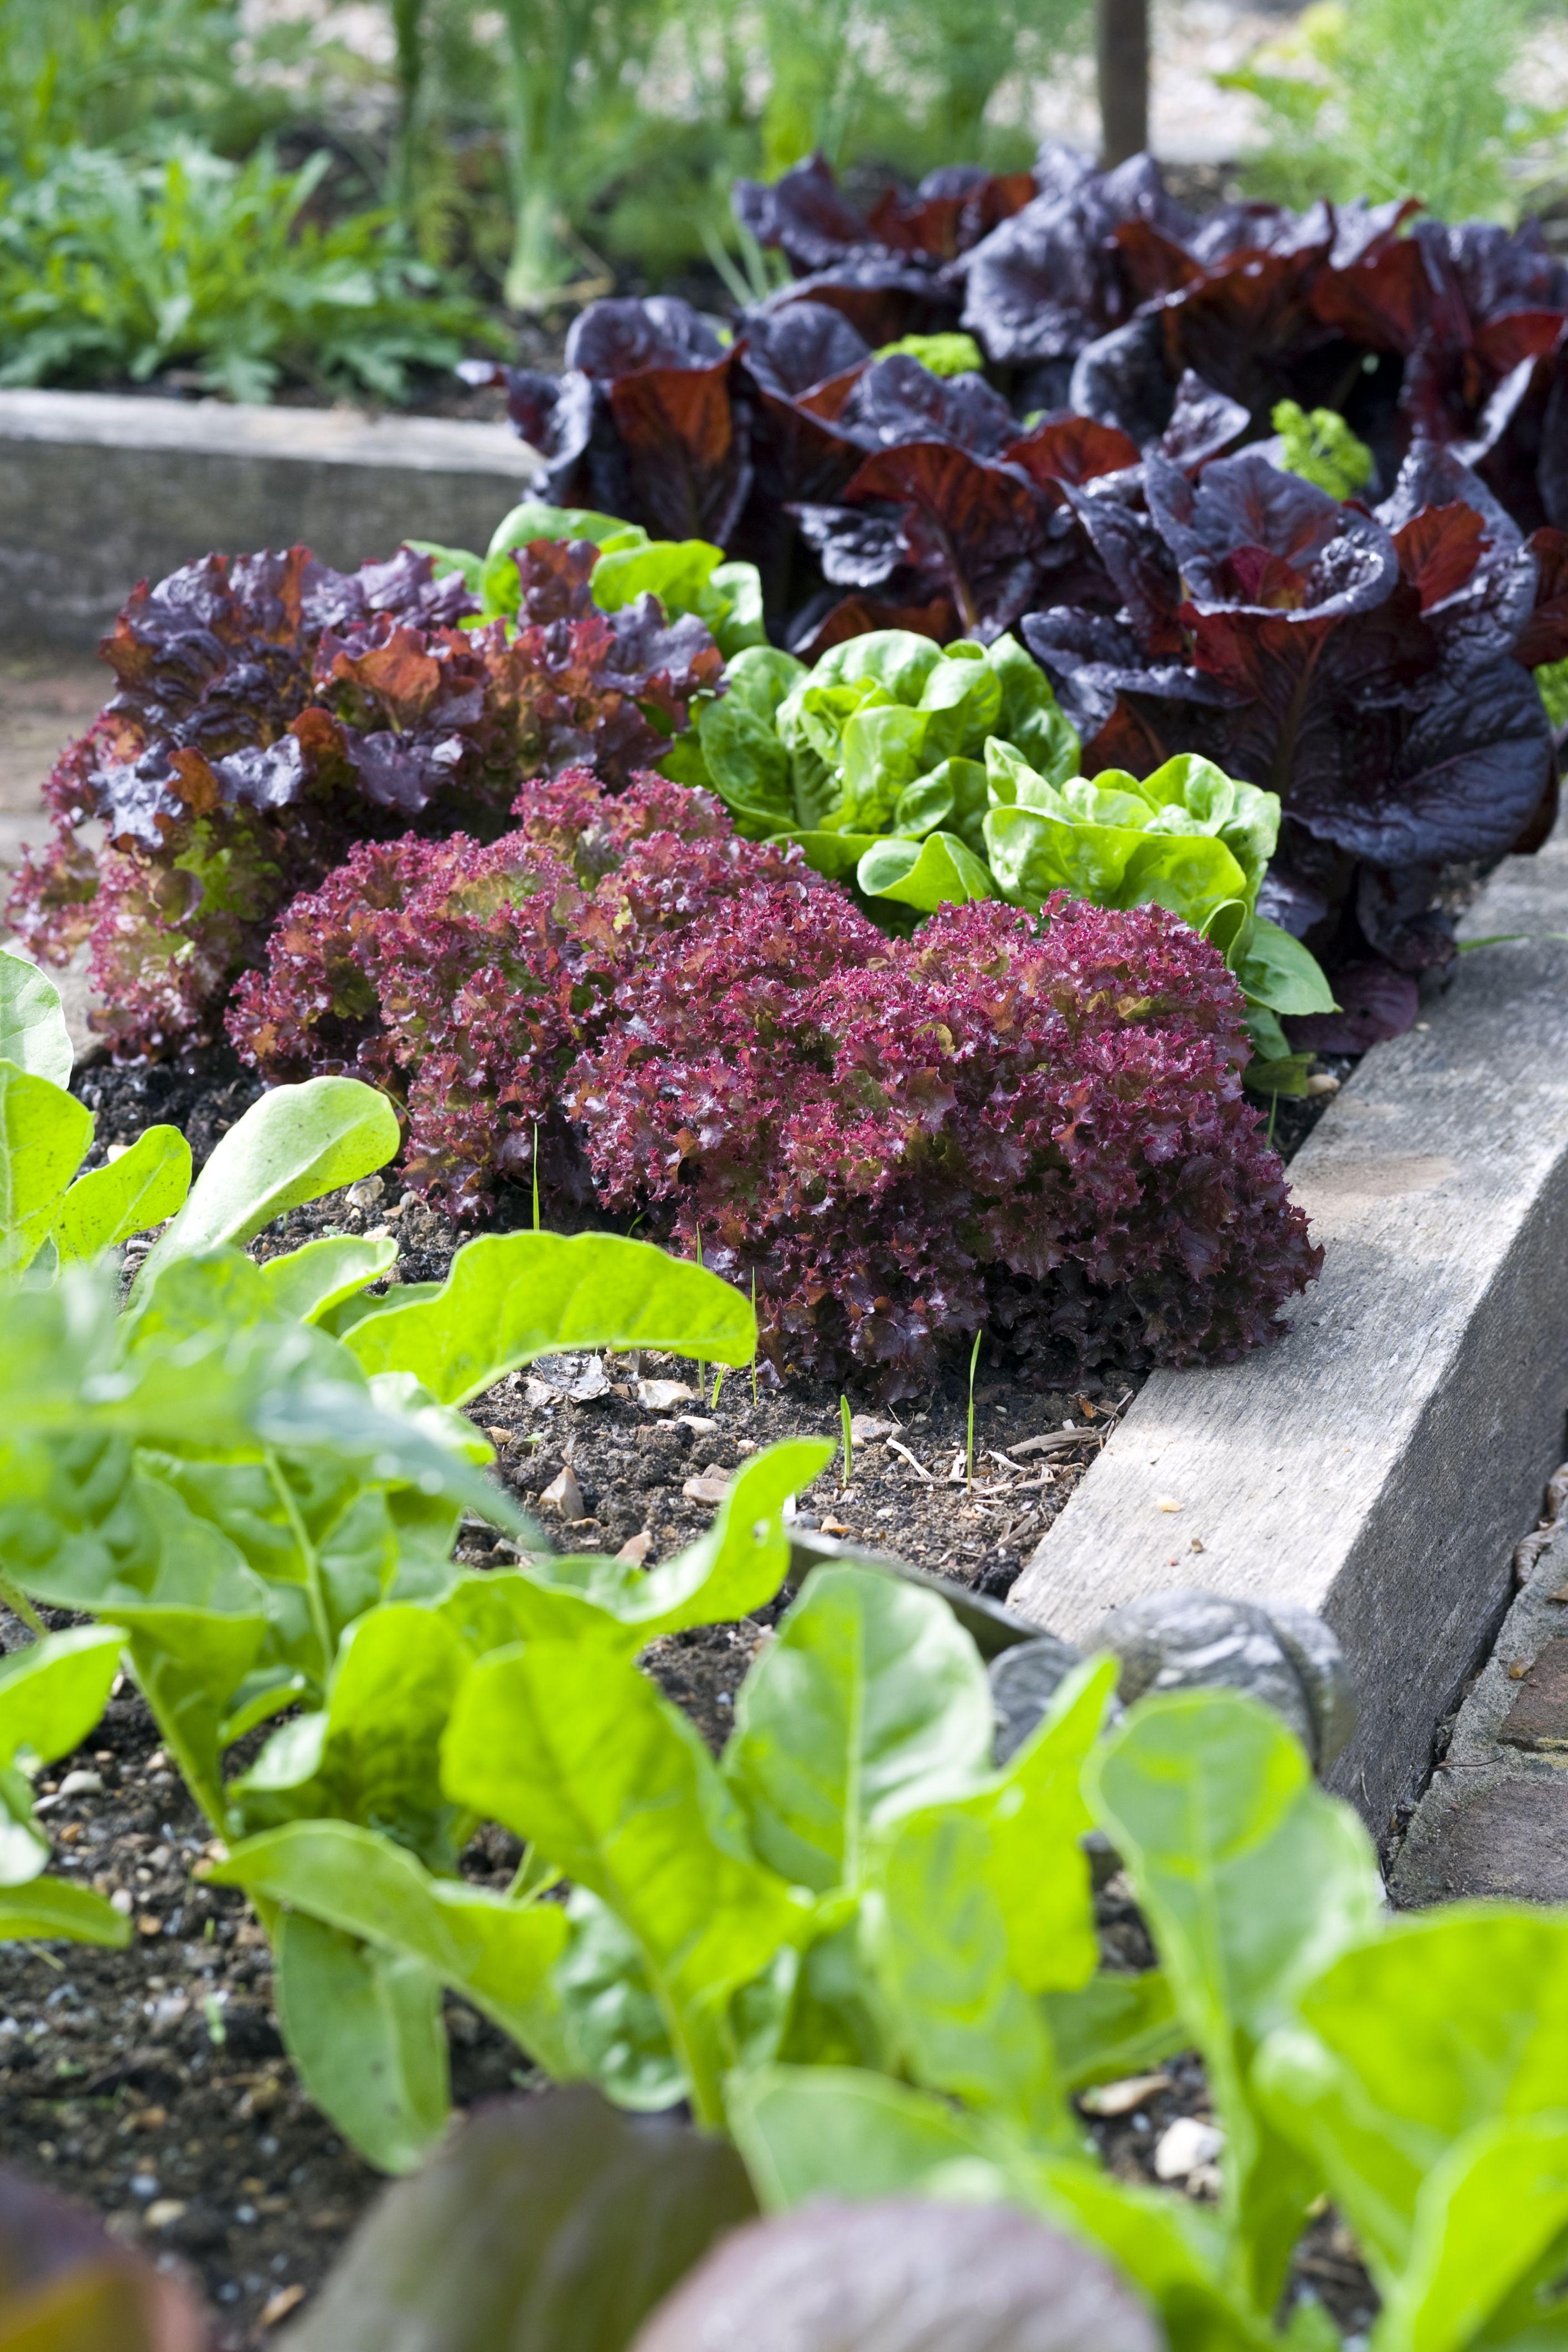 dp oz precision killer gardens outdoor weed for com gel amazon grass vegetable garden roundup